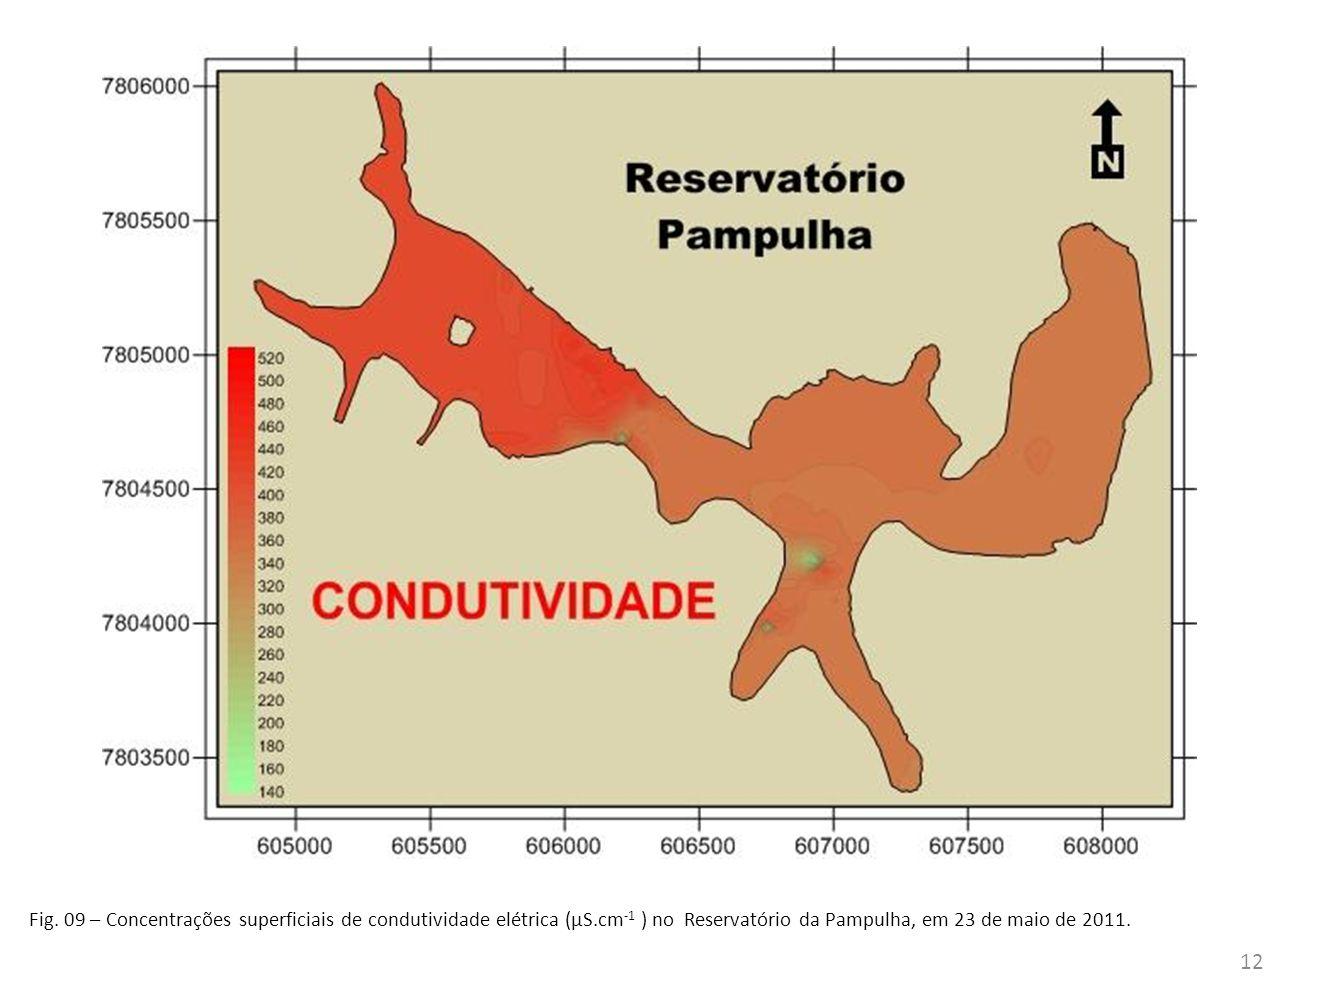 Fig. 09 – Concentrações superficiais de condutividade elétrica (µS